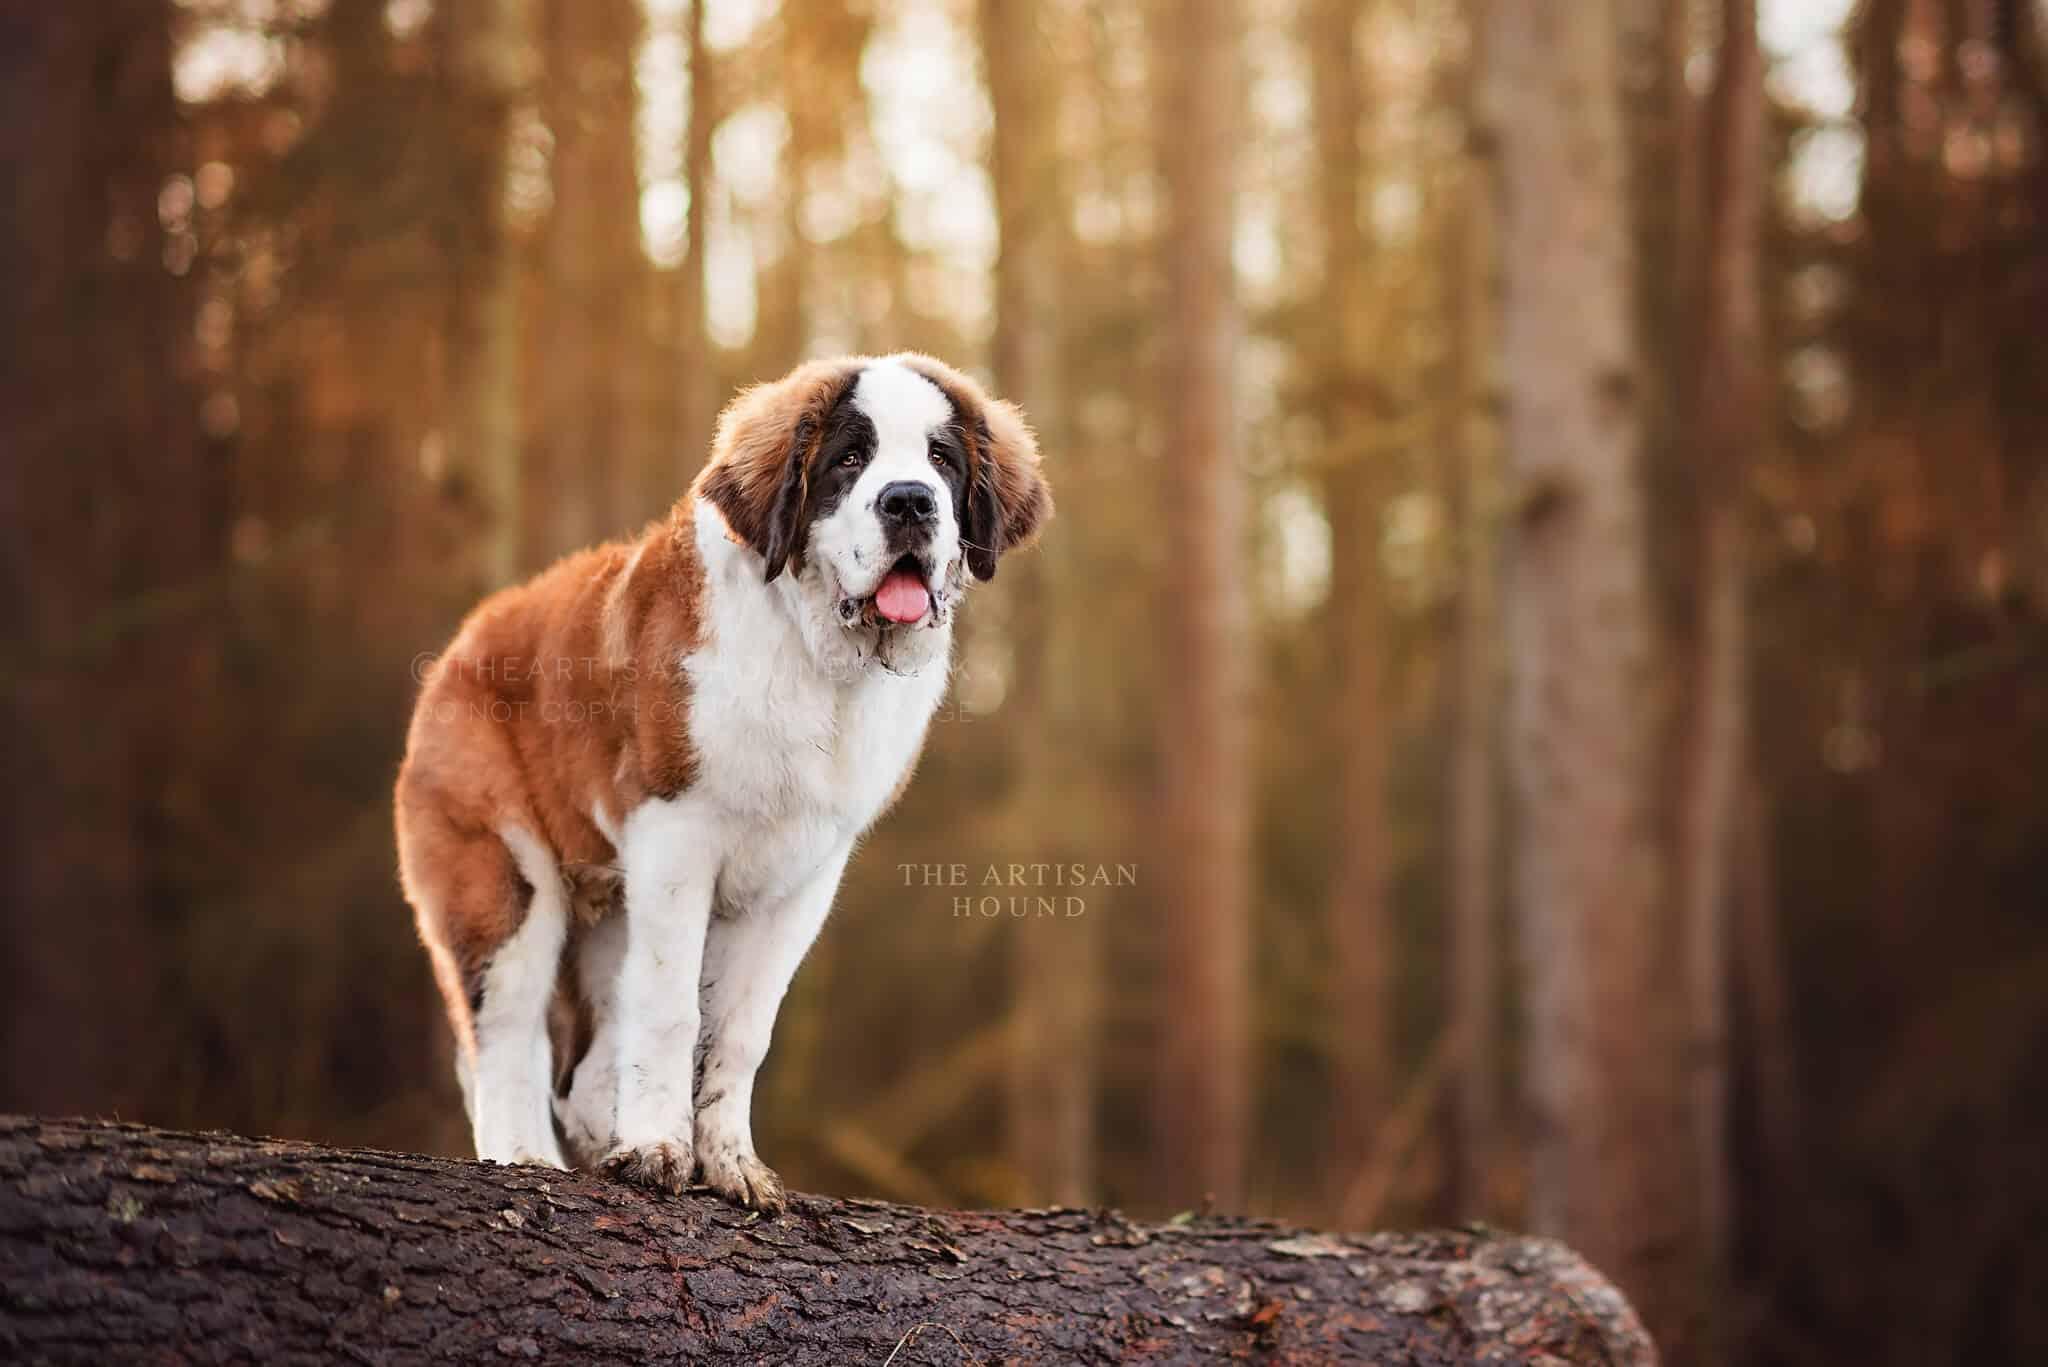 St Bernard puppy standing on log pile in Irchester woodlands